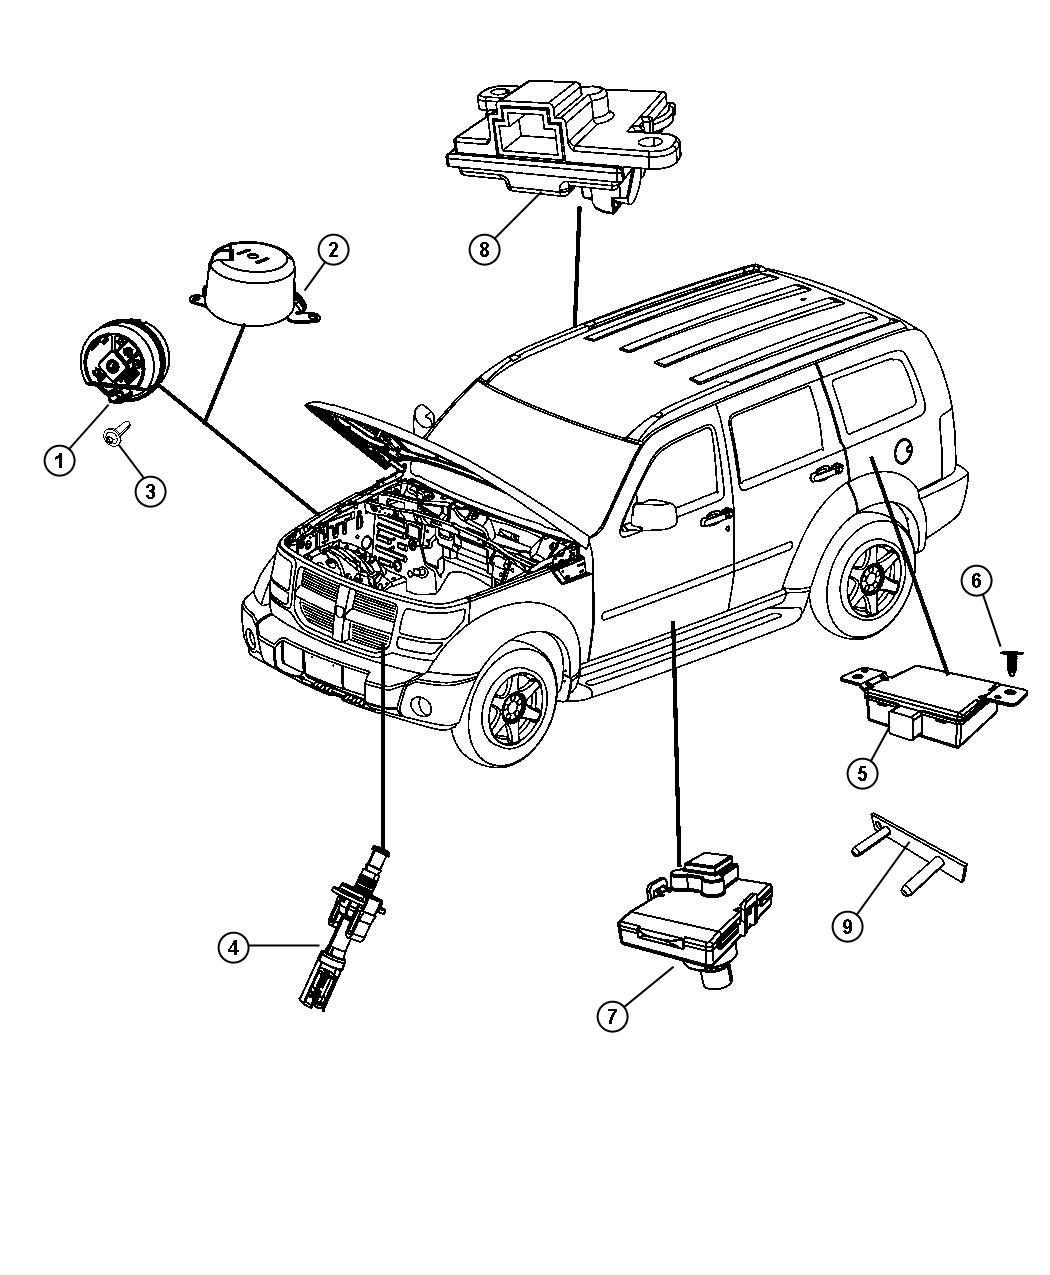 Jeep Liberty Receiver Alarm Export Trim All Trim